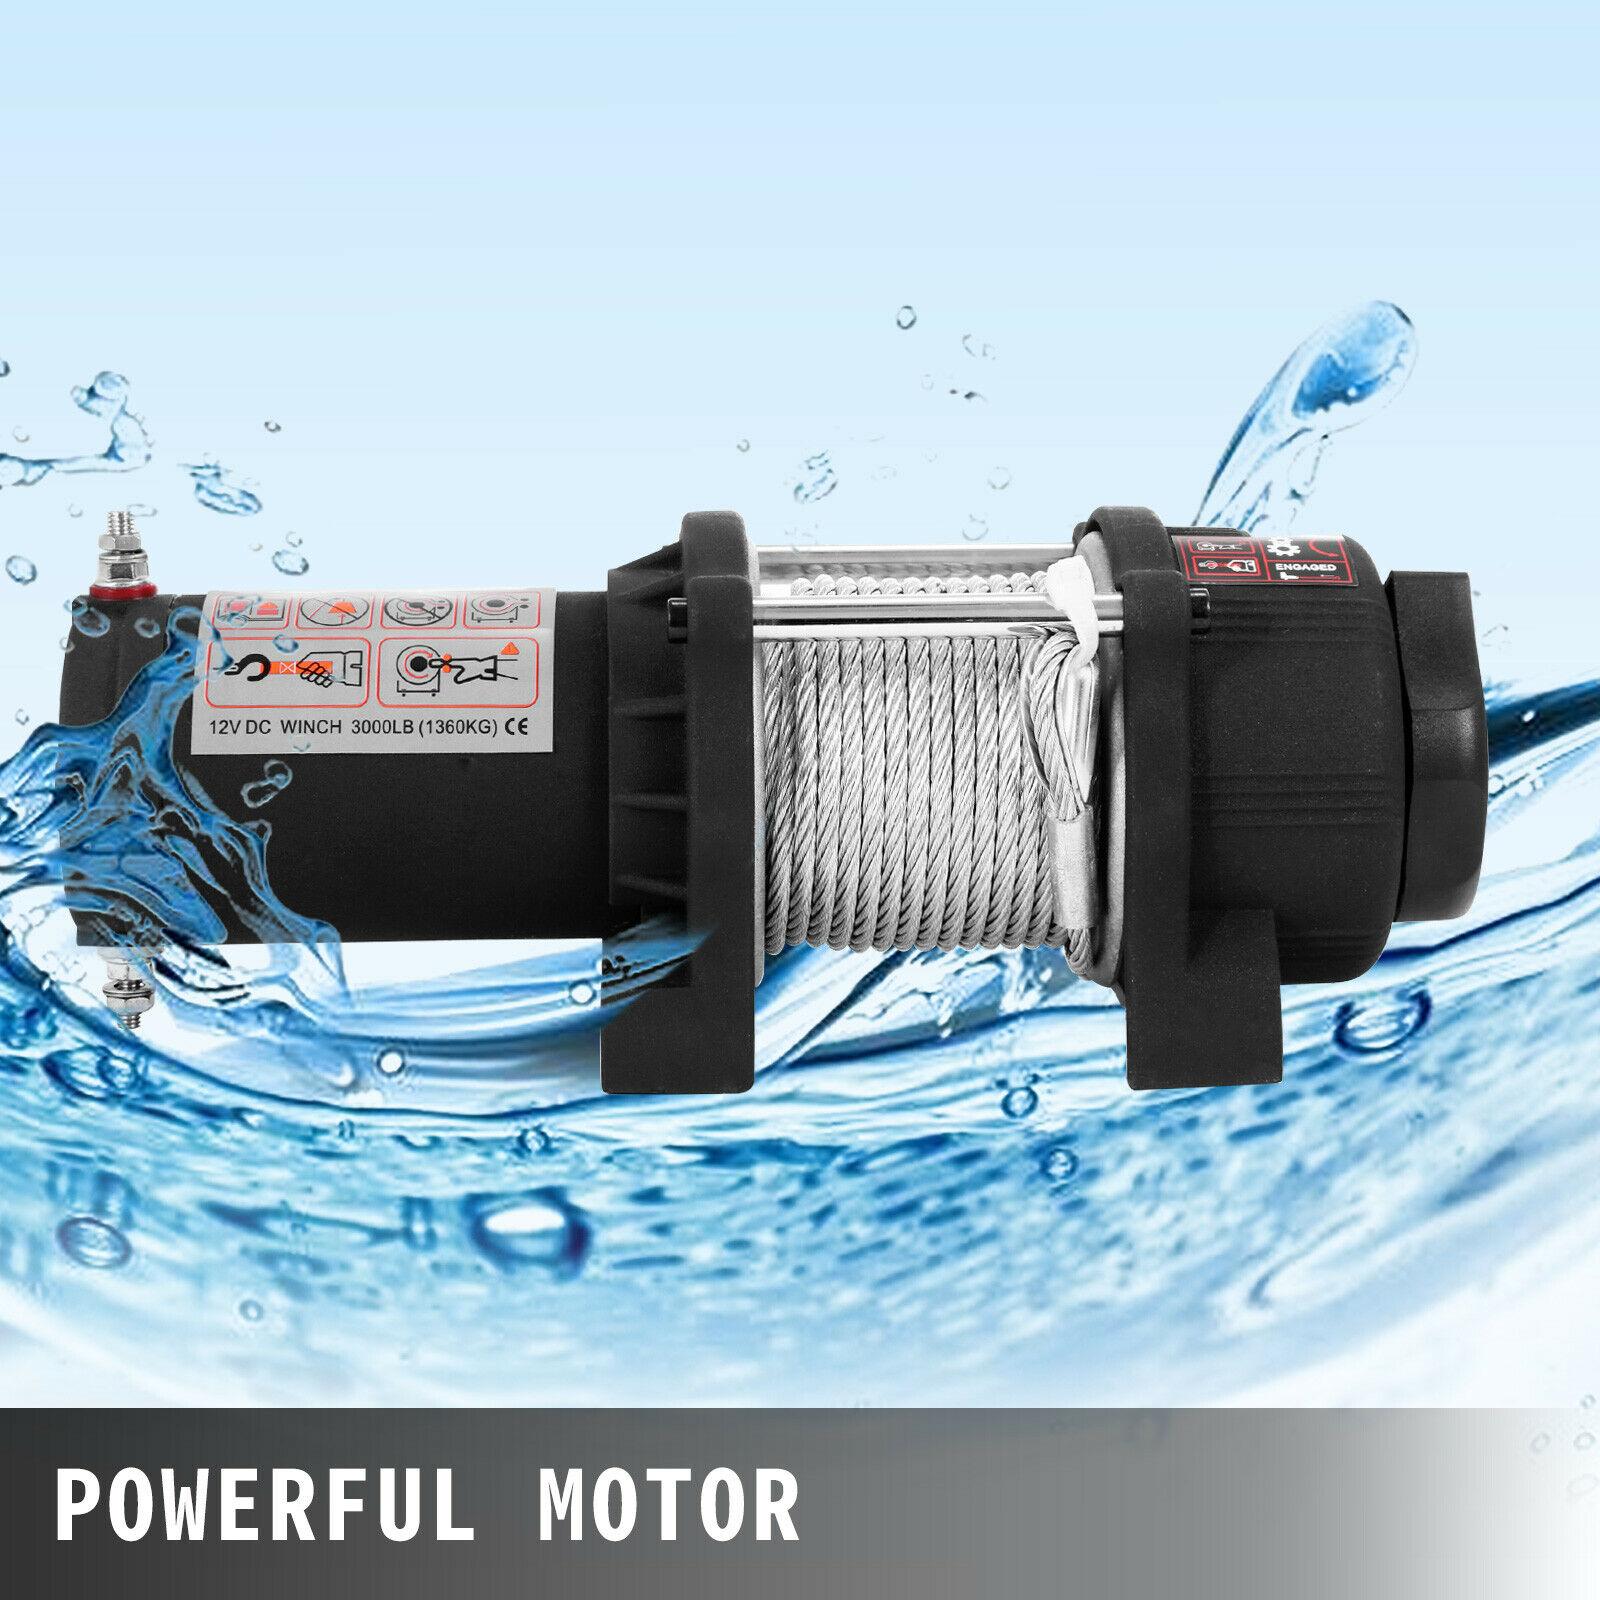 Электрическая лебедка 1360 фунтов, электрическая лебедка для восстановления 12 В, комплект для восстановления лебедки с беспроводным дистанц...